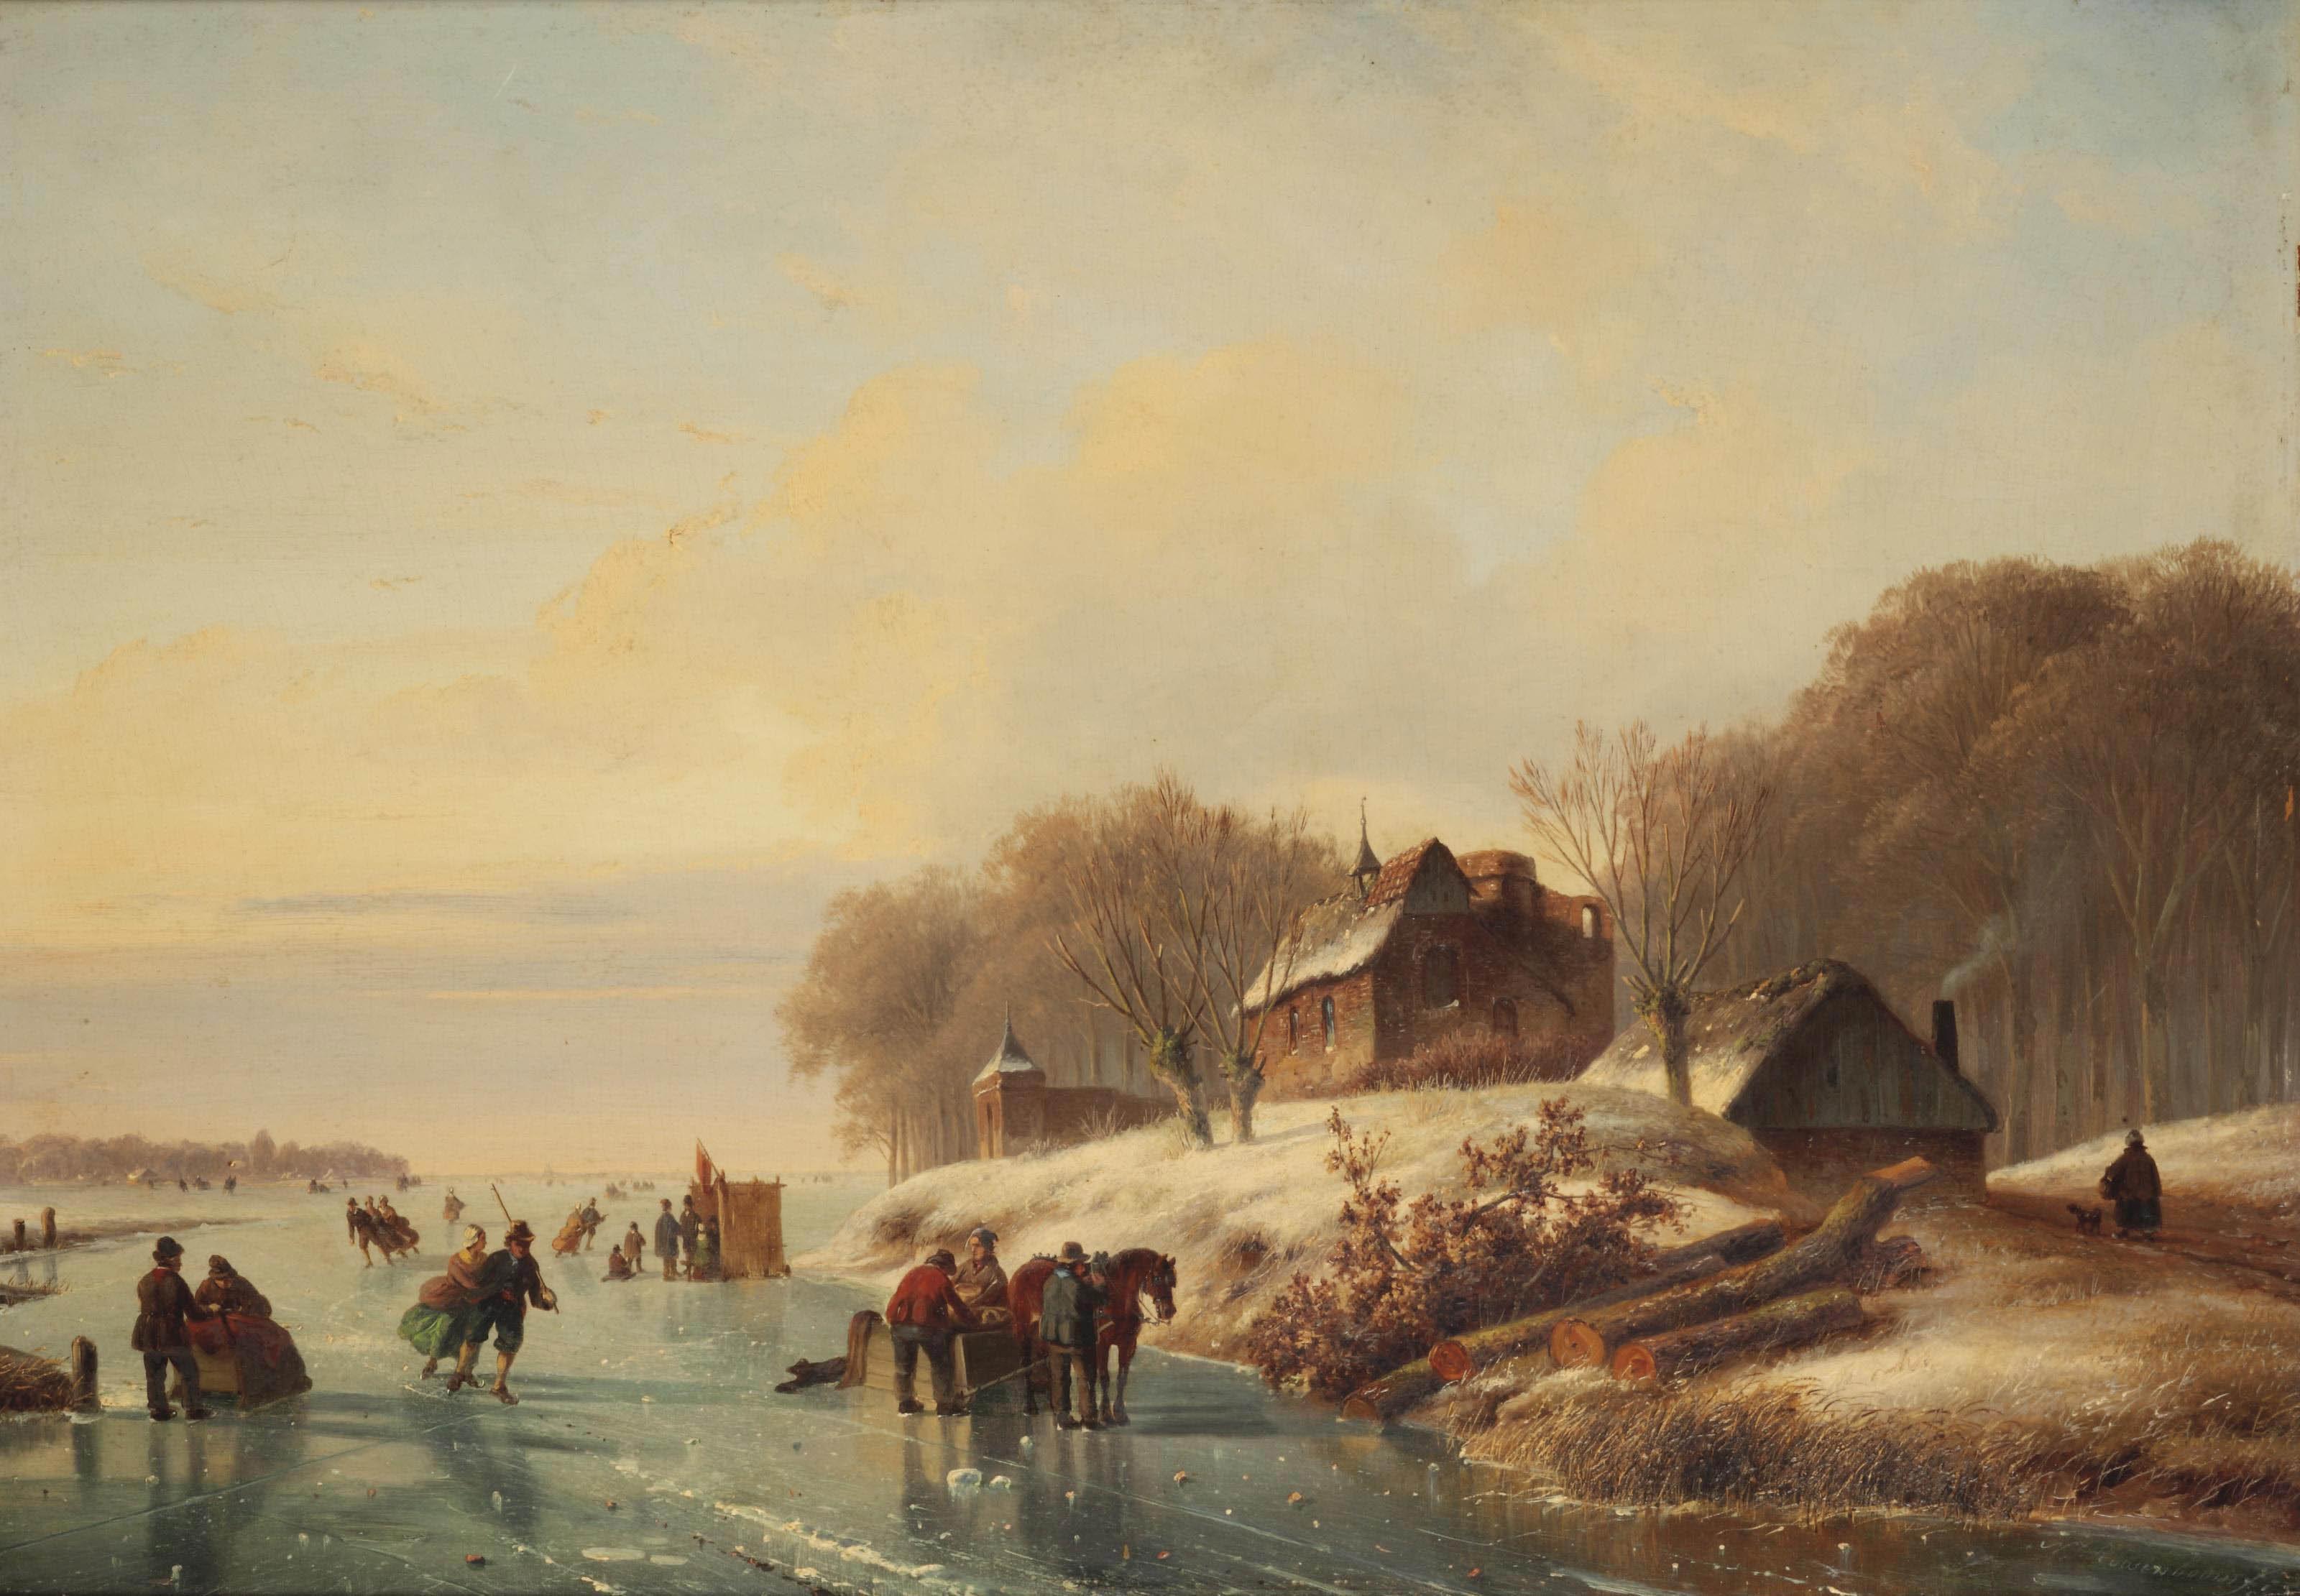 Skating in a winter landscape at dusk